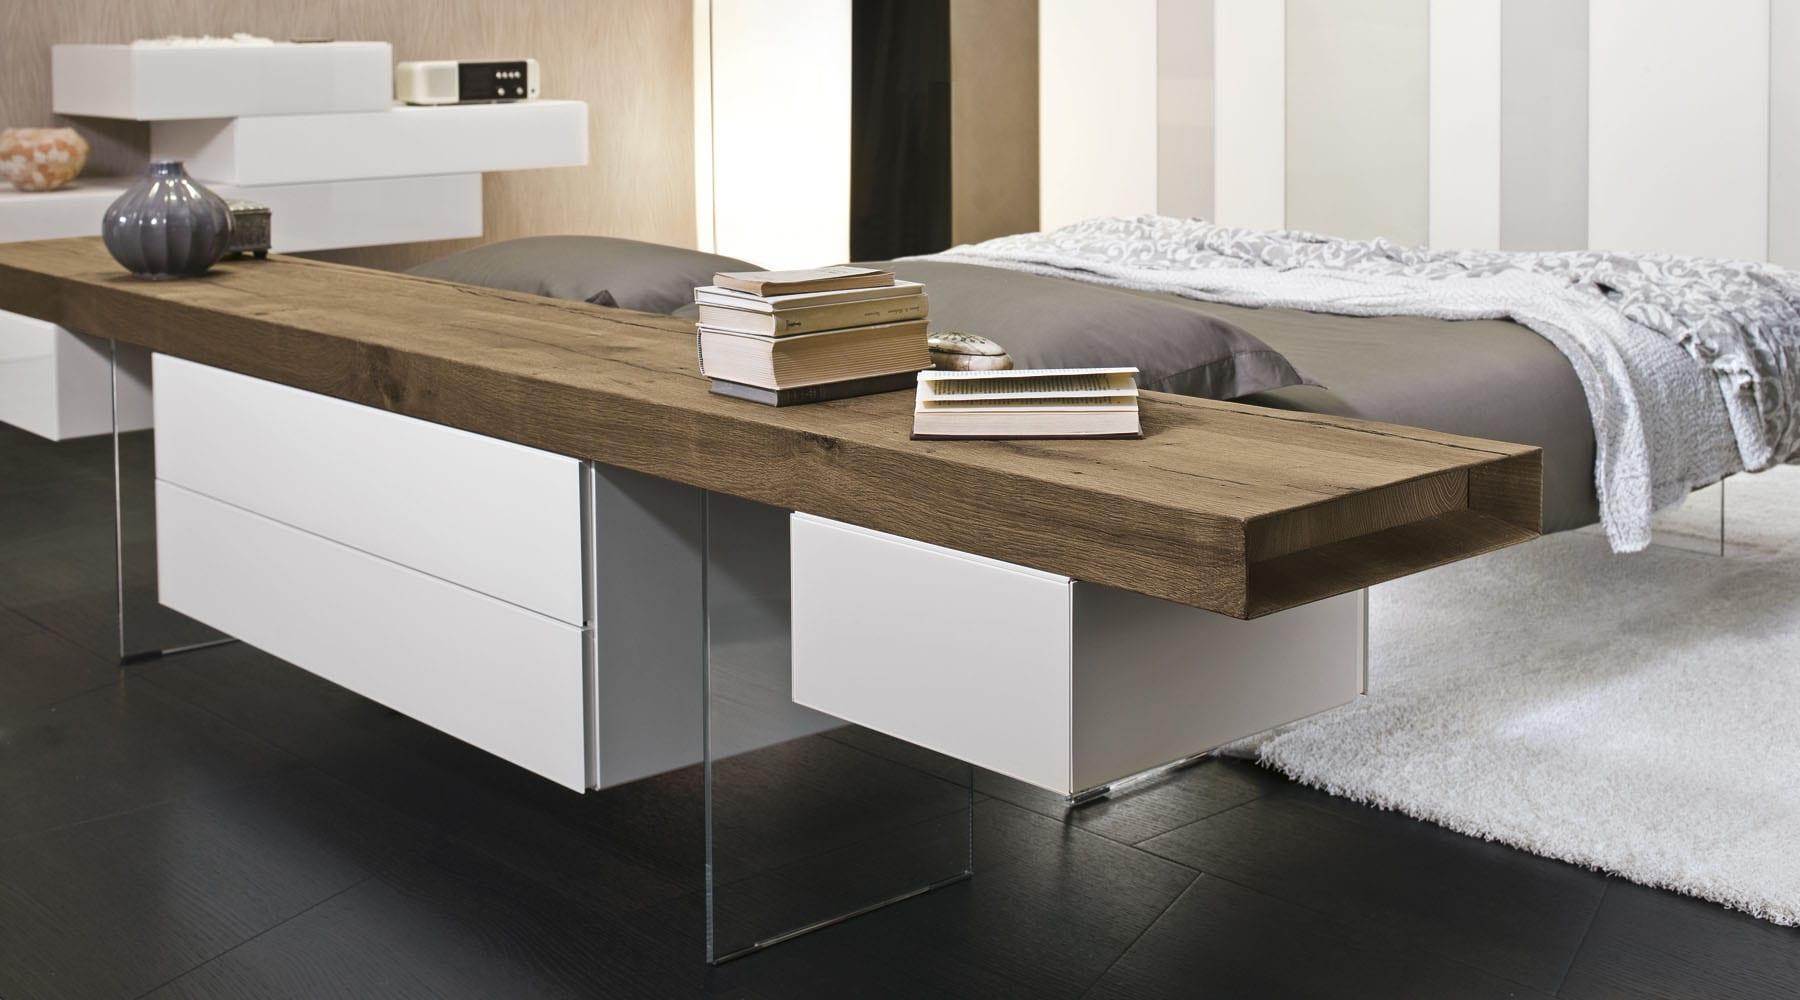 schlafzimmer ideen für moderne einrichtung und idee für sideboard schlafzimmer